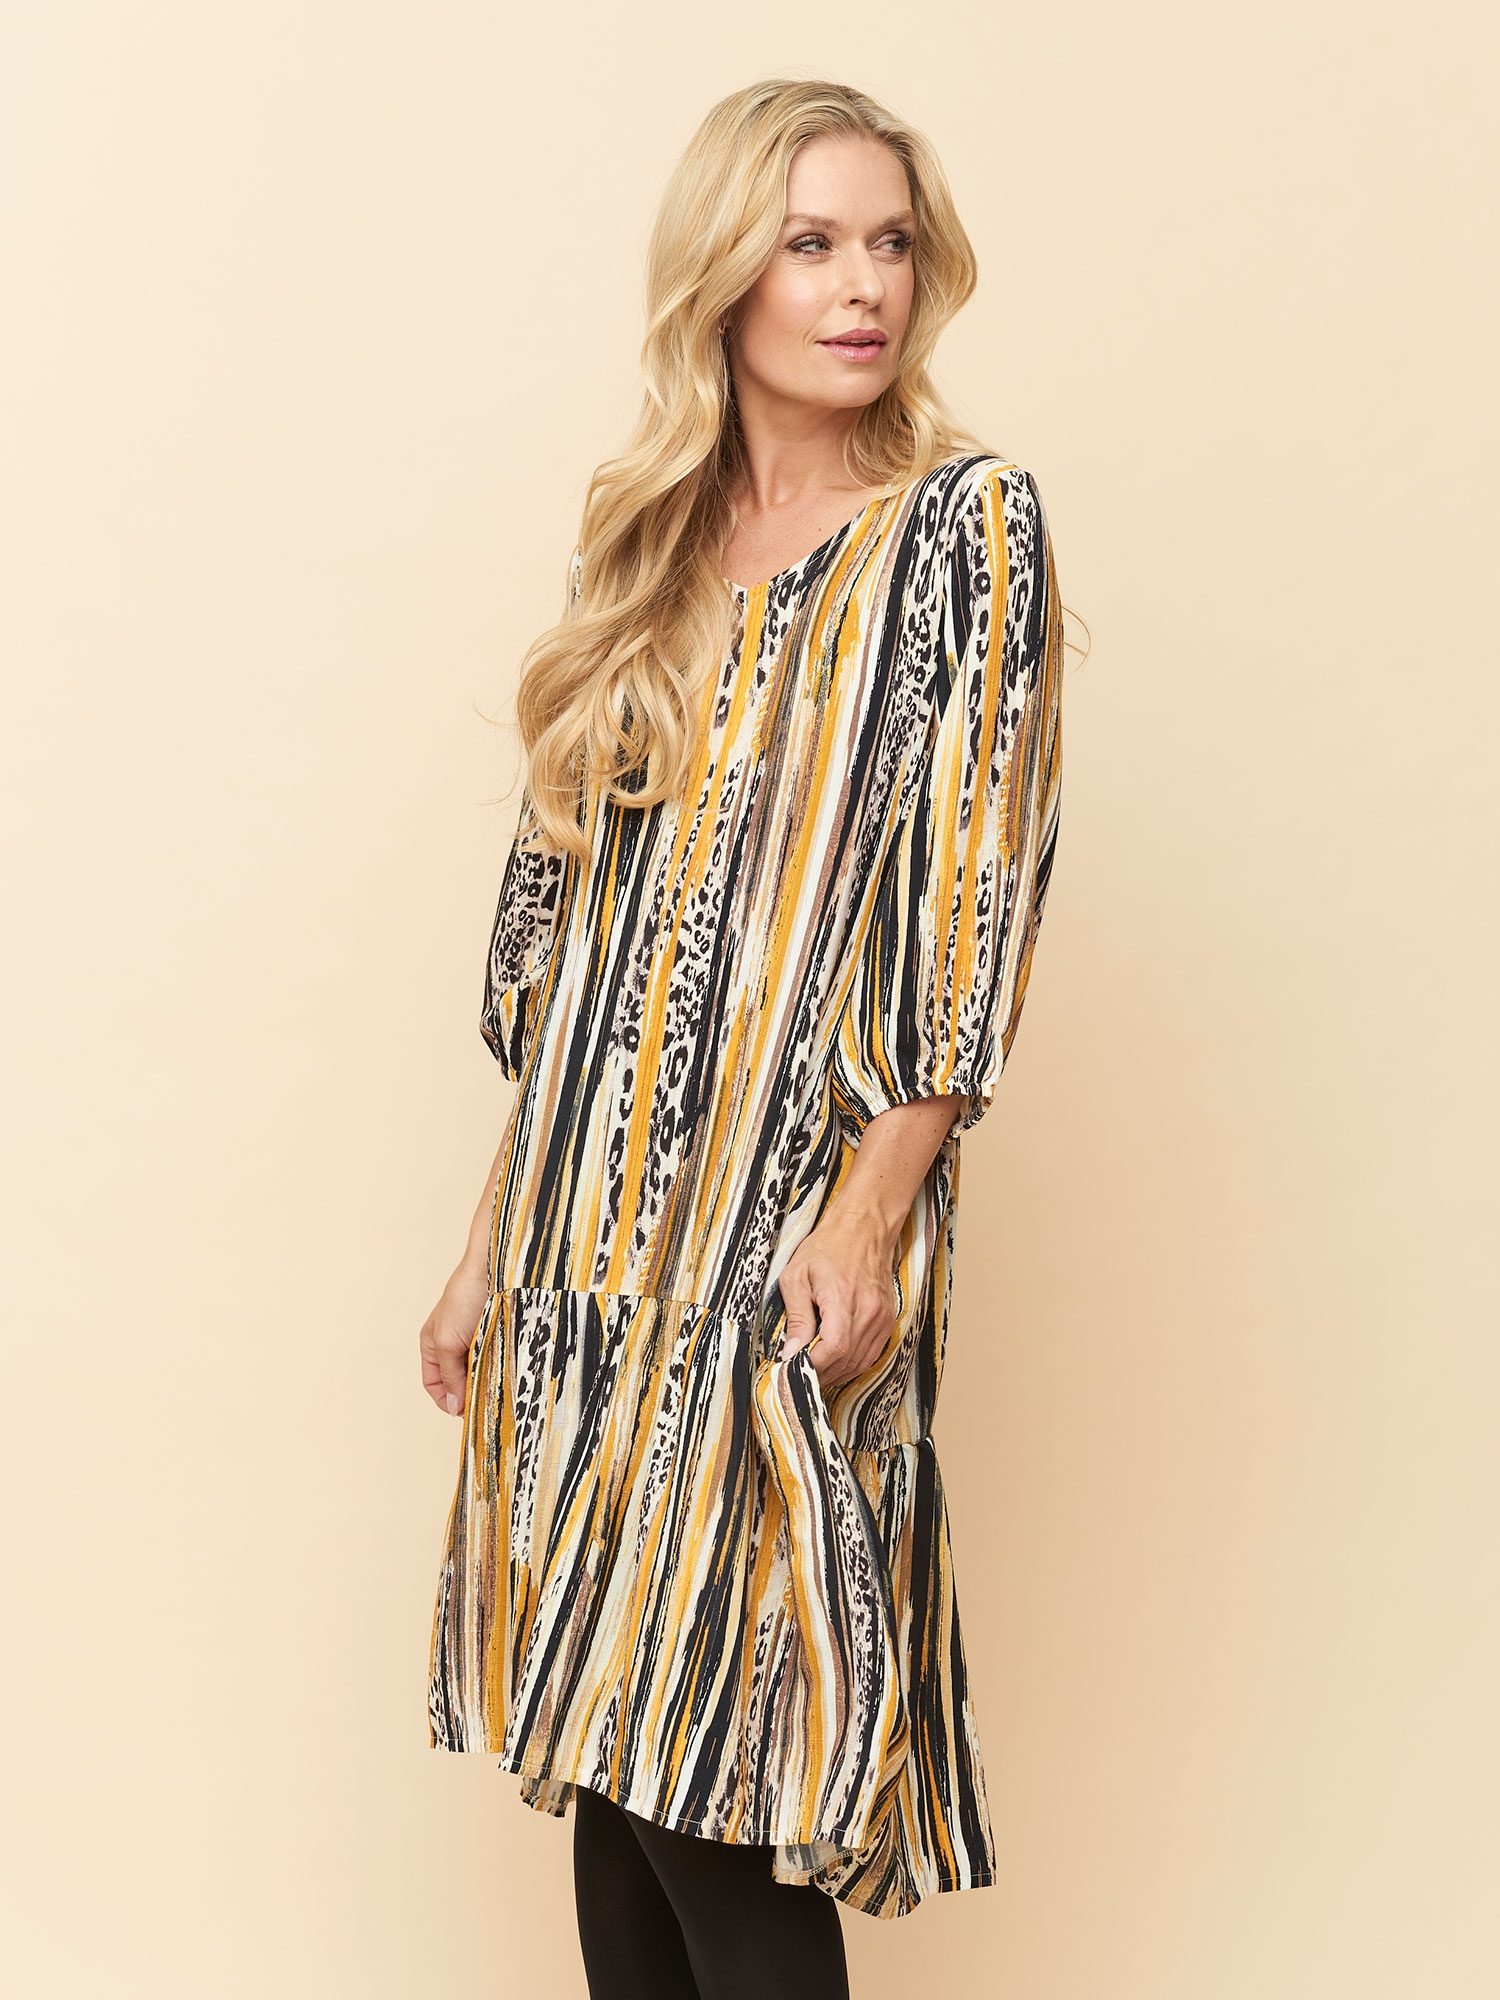 Pont Neuf Lang Sabrina kjole i gul og sort stribet viskose, 40-42 / M